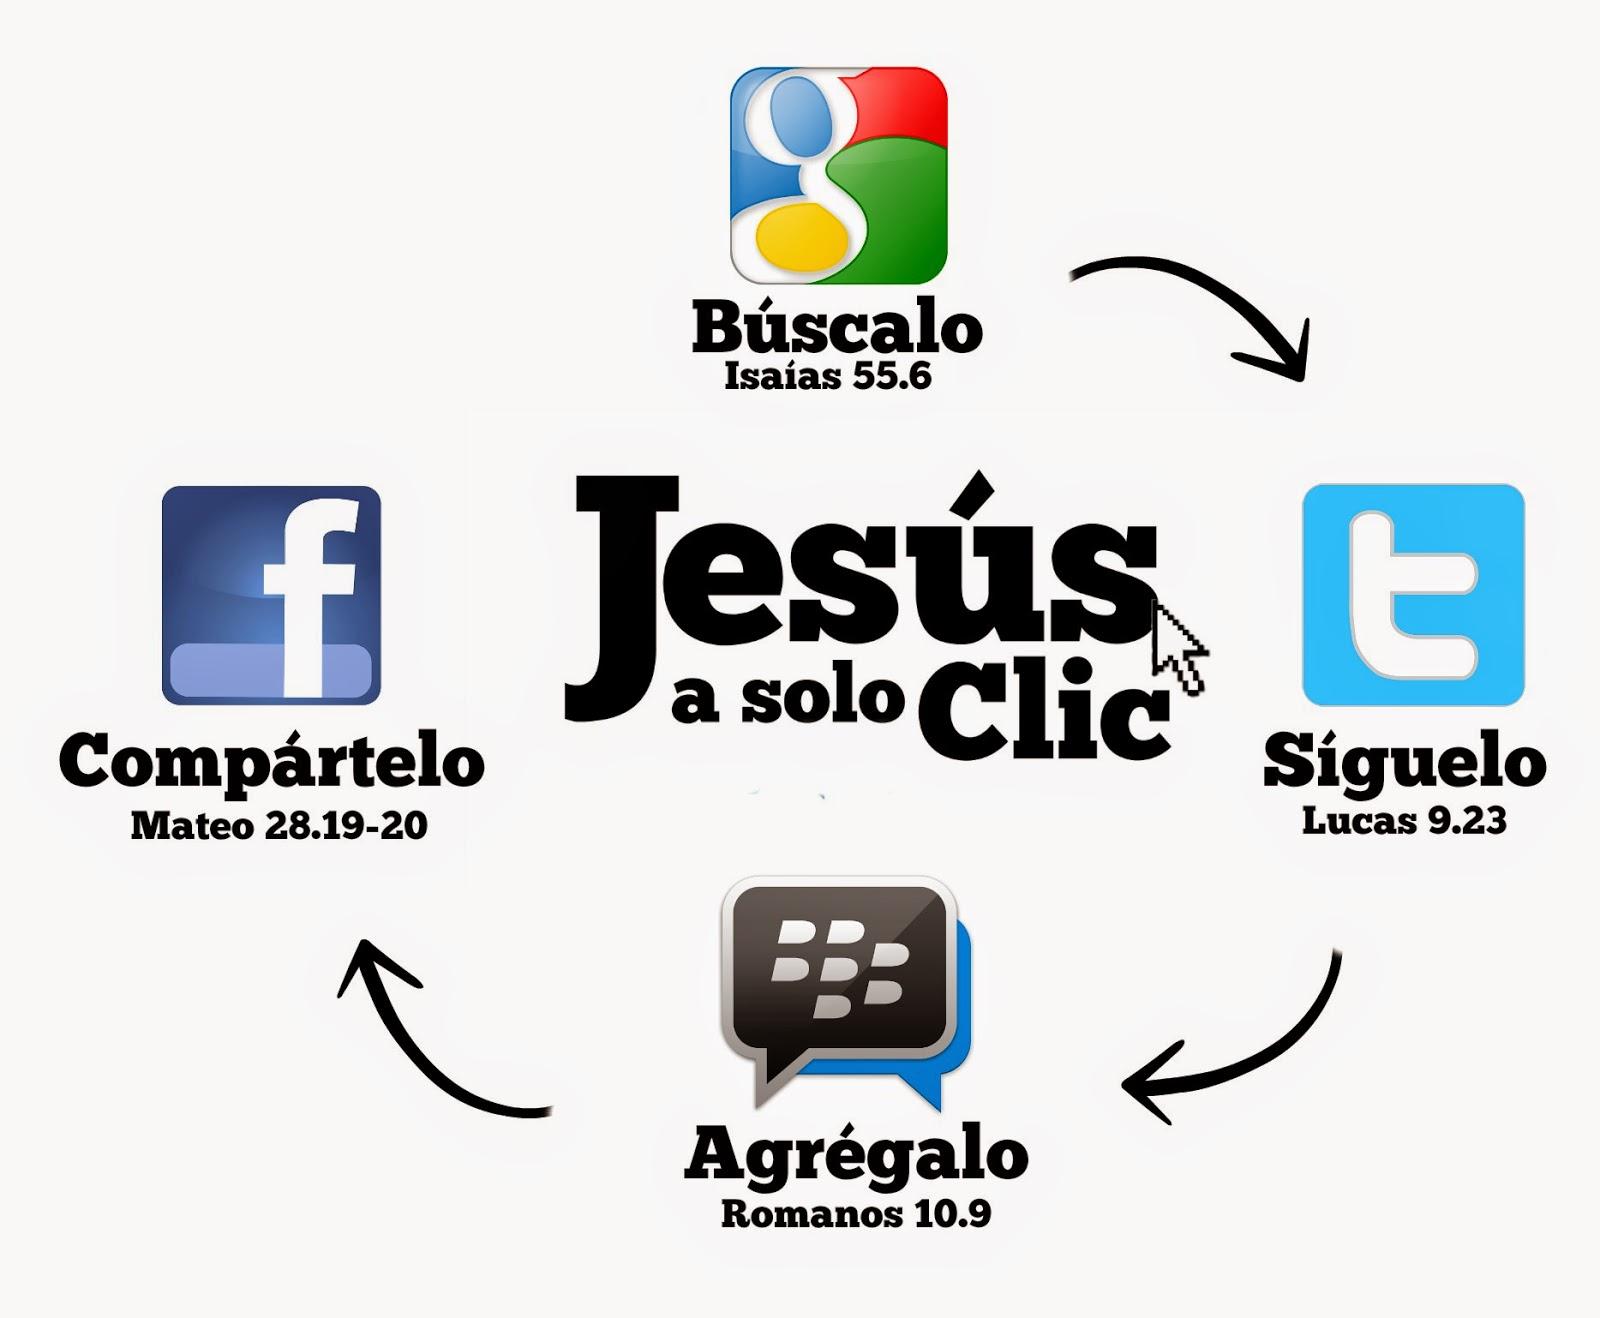 Resultado de imagen para ELEGIR HOY A JESUS